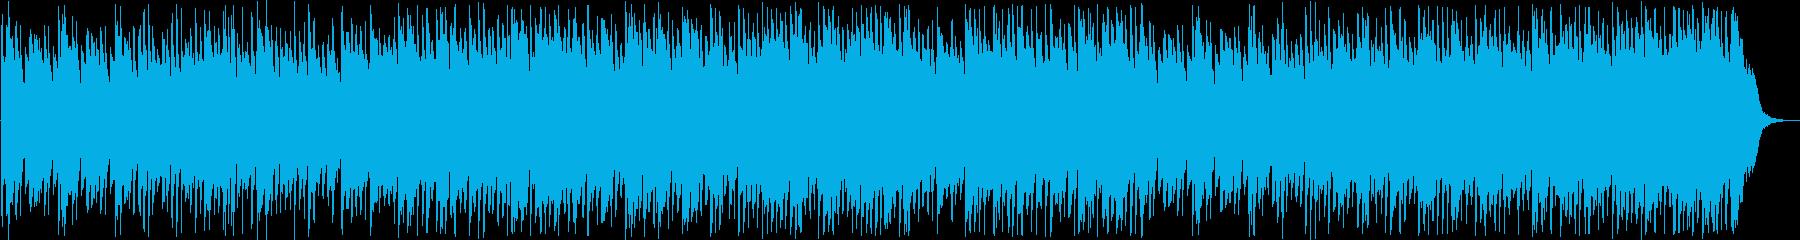 美しいピアノサウンドの再生済みの波形